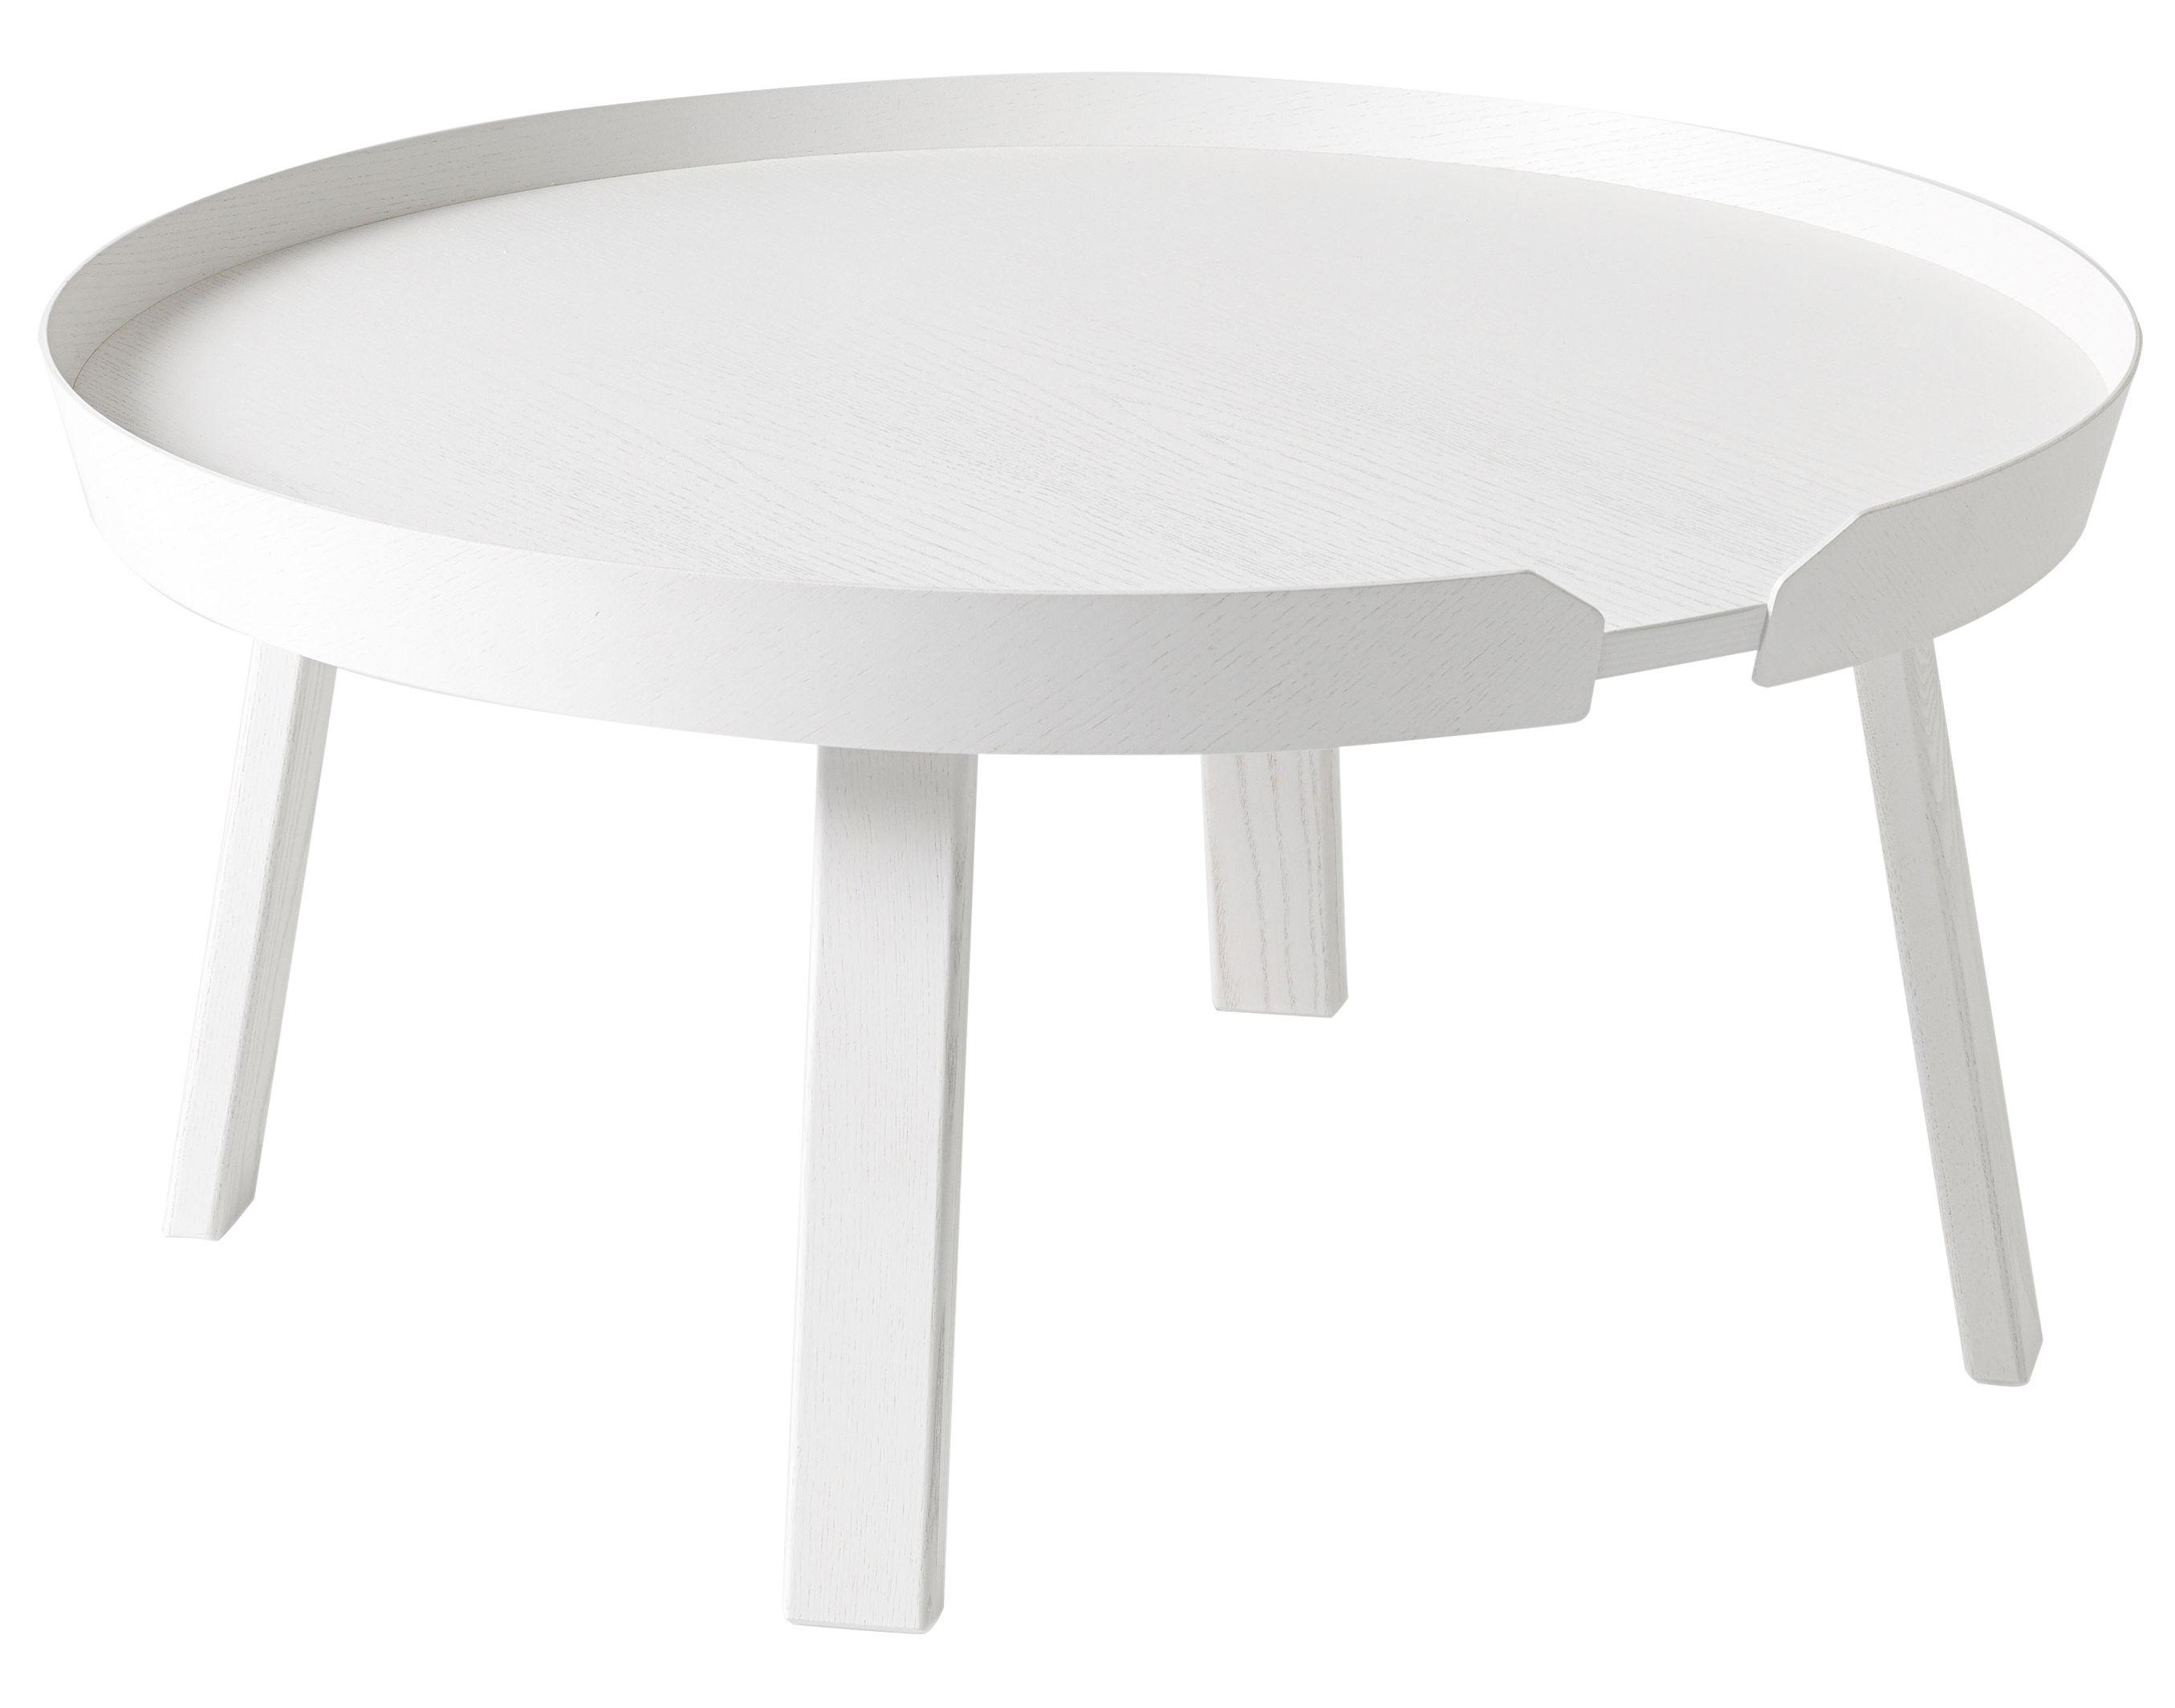 Möbel - Couchtische - Around Large Couchtisch / Ø 72 cm x H 37,5 cm - Muuto - Weiß - getönte Esche